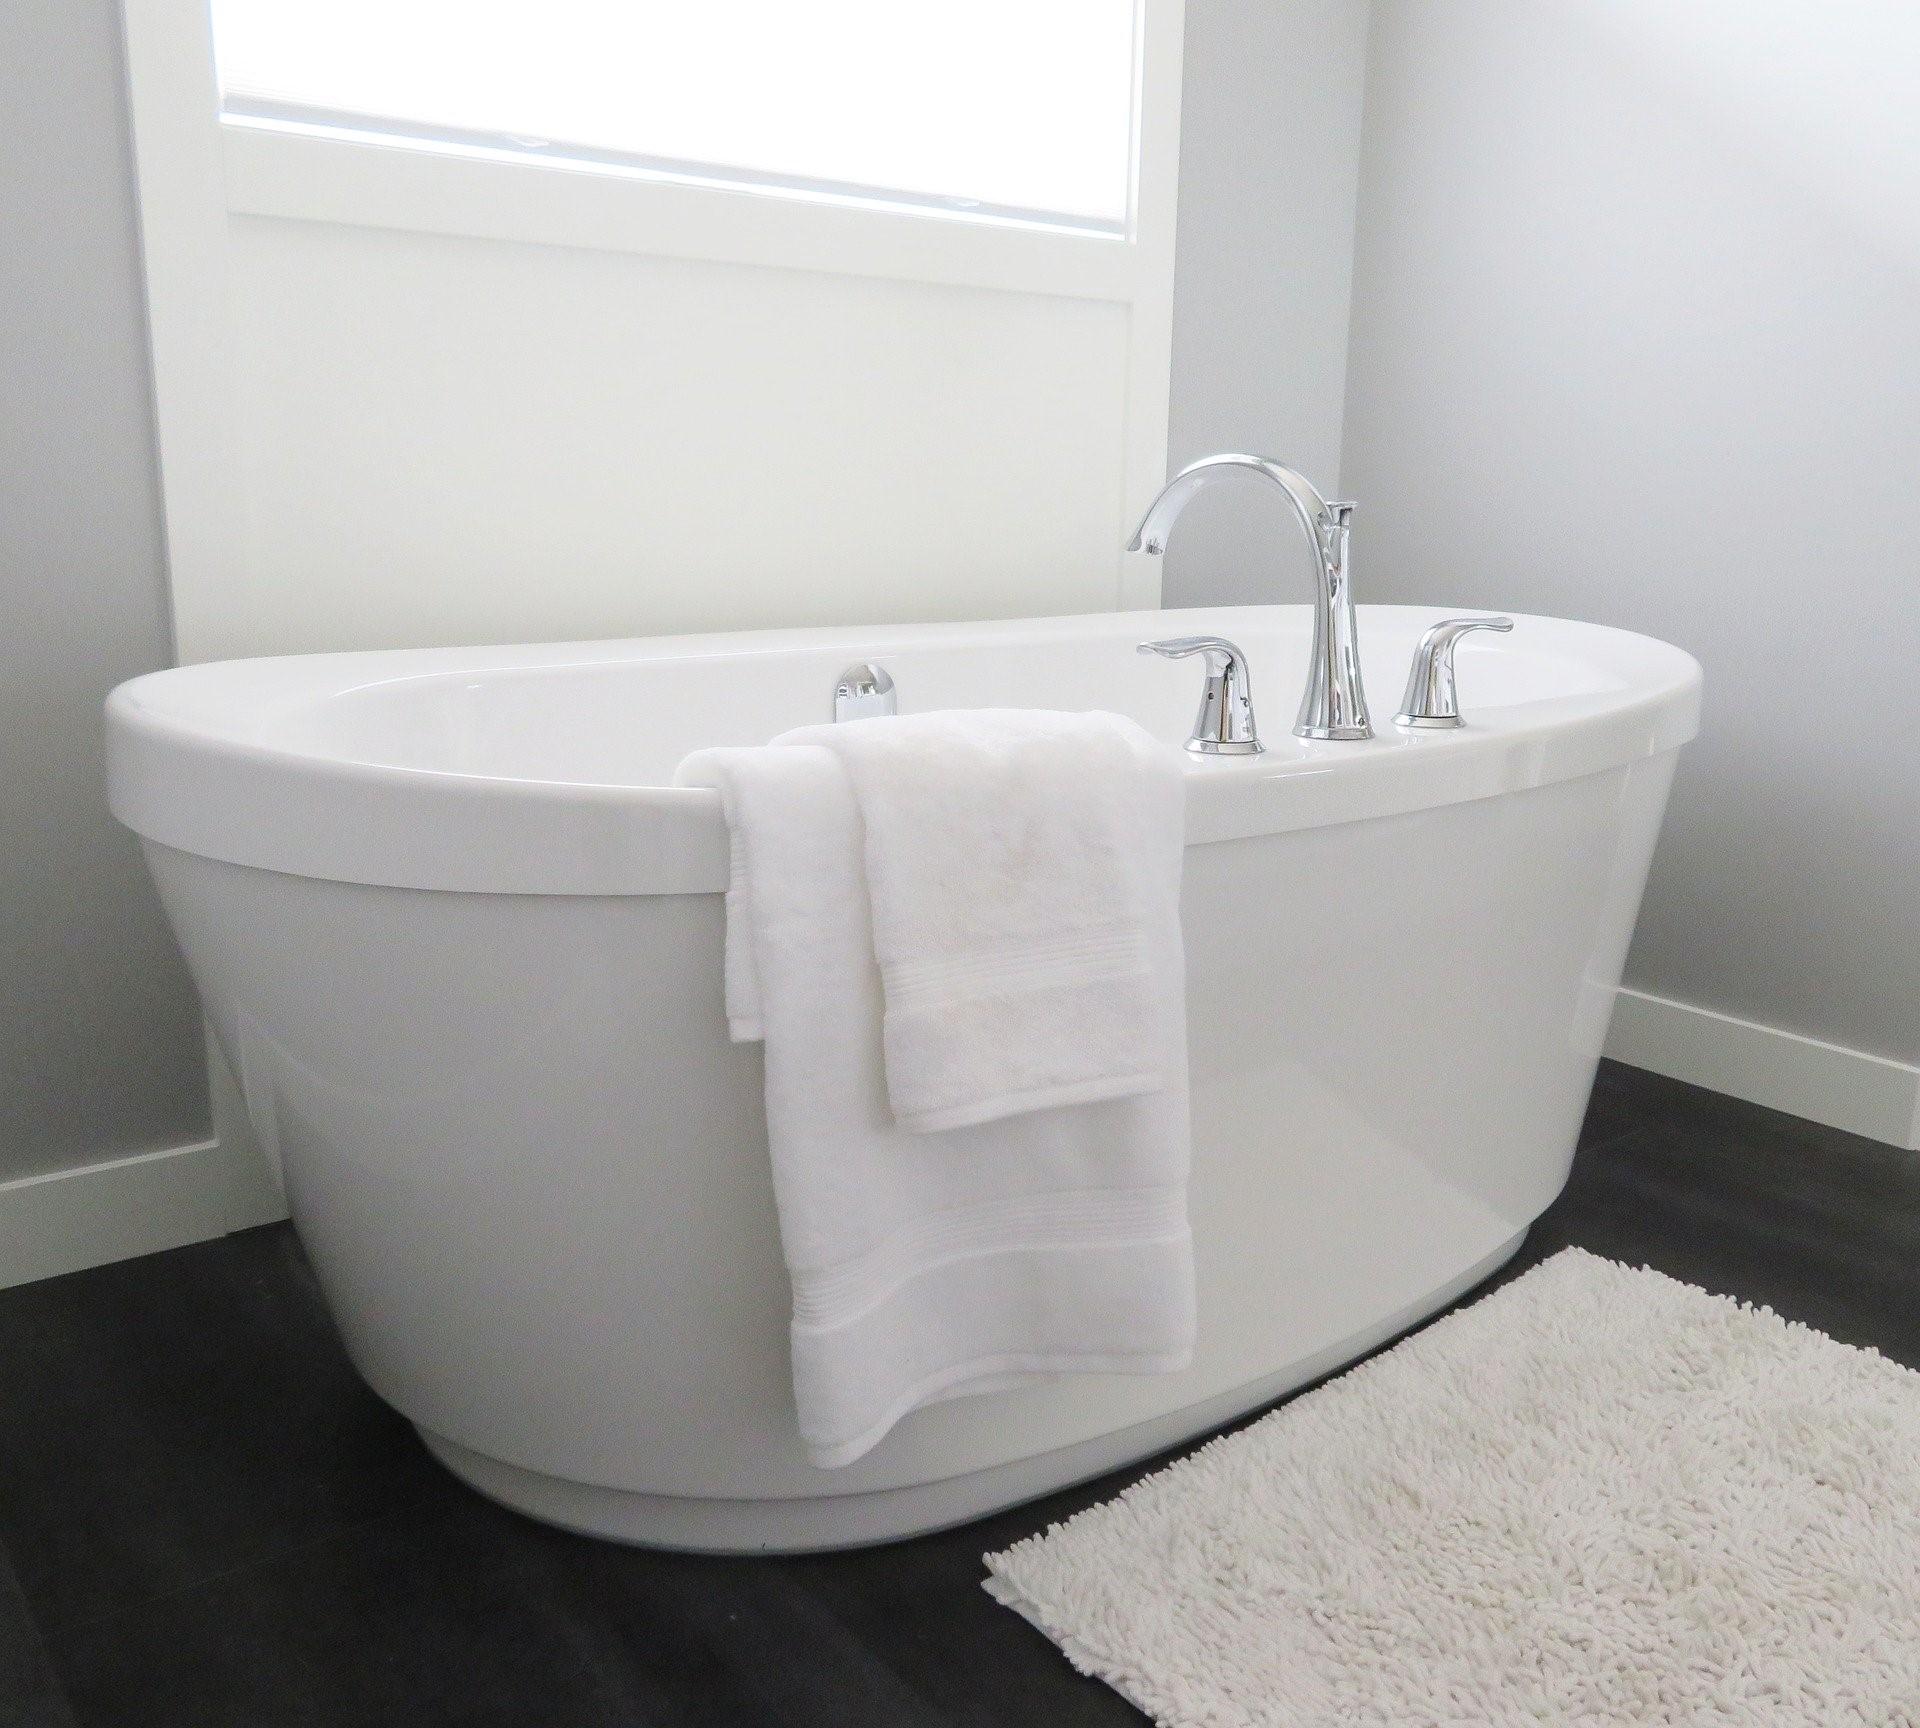 cucina in silicone riciclabile in gomma riciclabile per vasca da bagno 2 pezzi blu Tappo per vasca da bagno lavanderia SENDR.KR universale